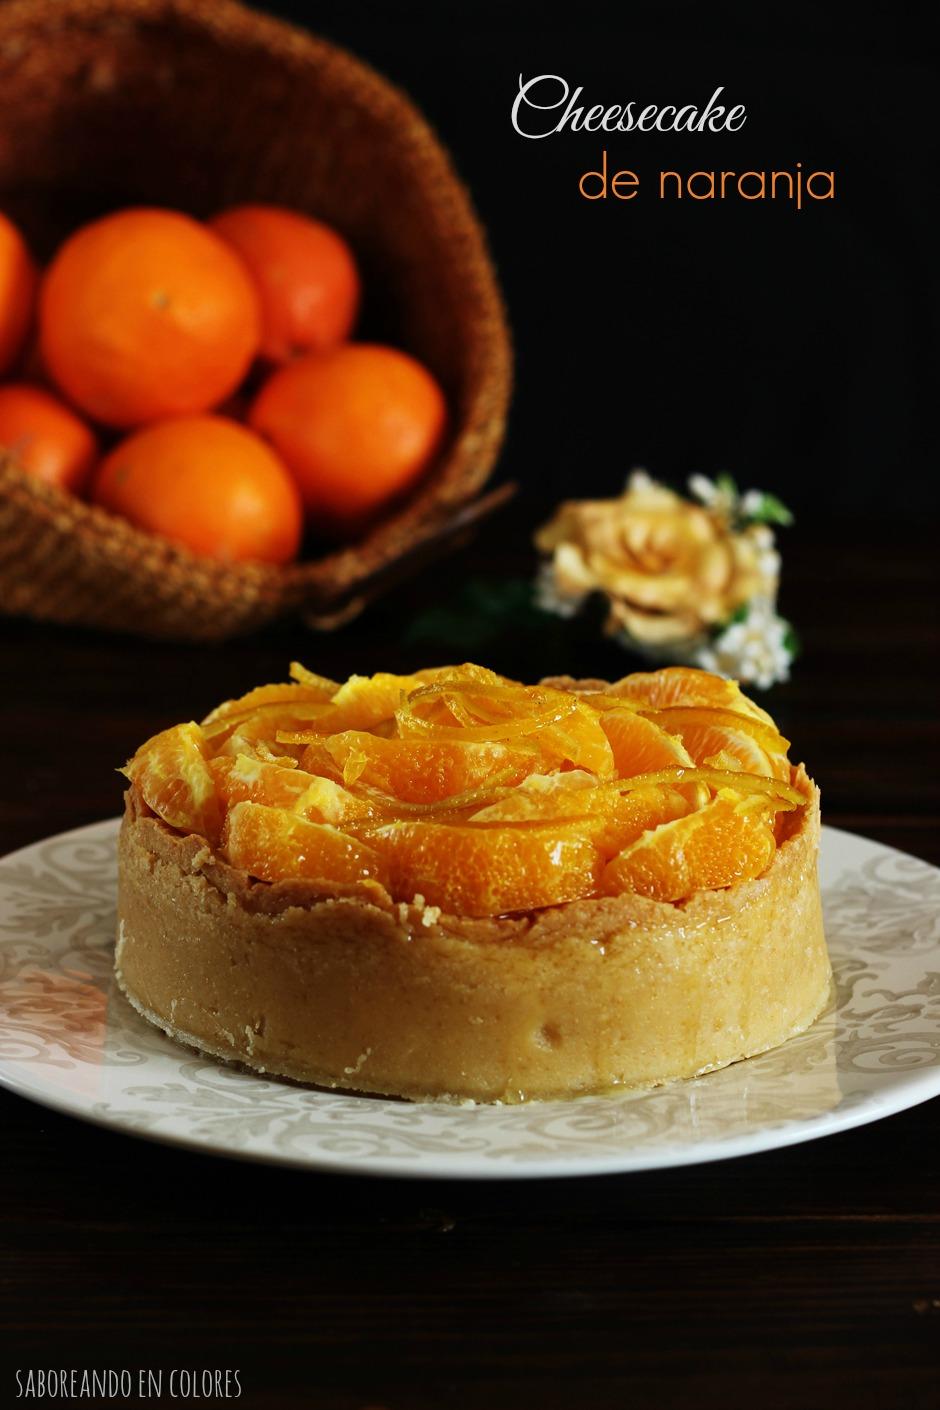 cheesecake-naranjas-op